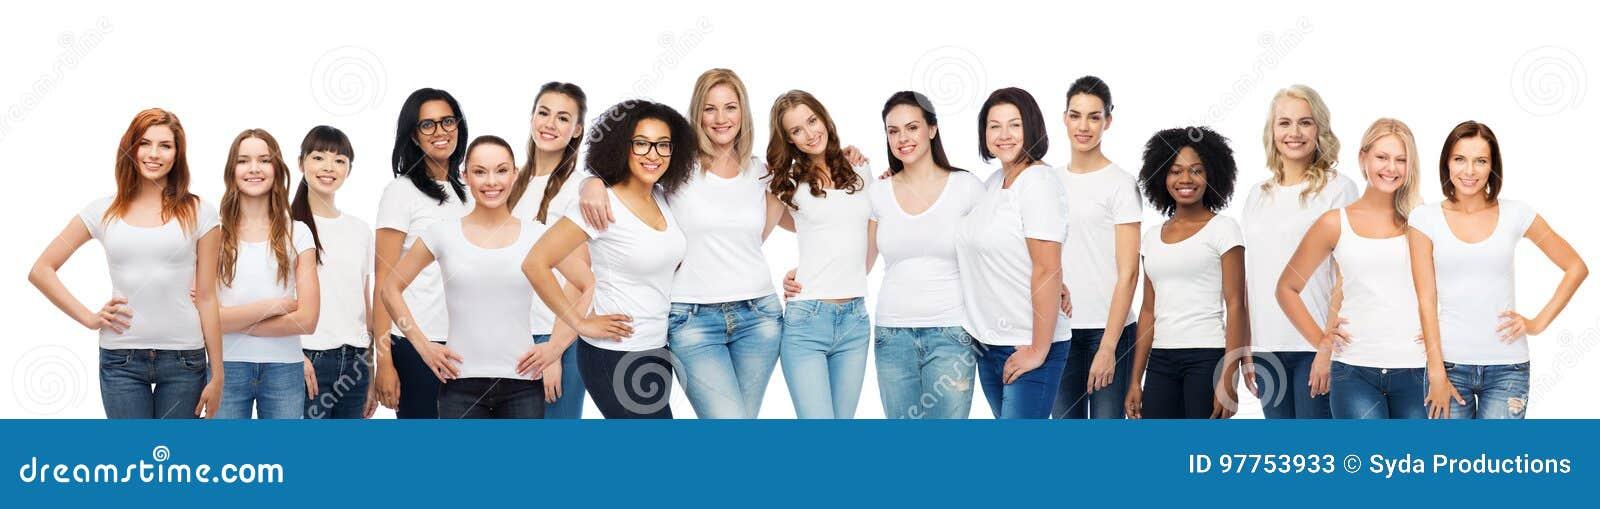 Ομάδα ευτυχών διαφορετικών γυναικών στις άσπρες μπλούζες